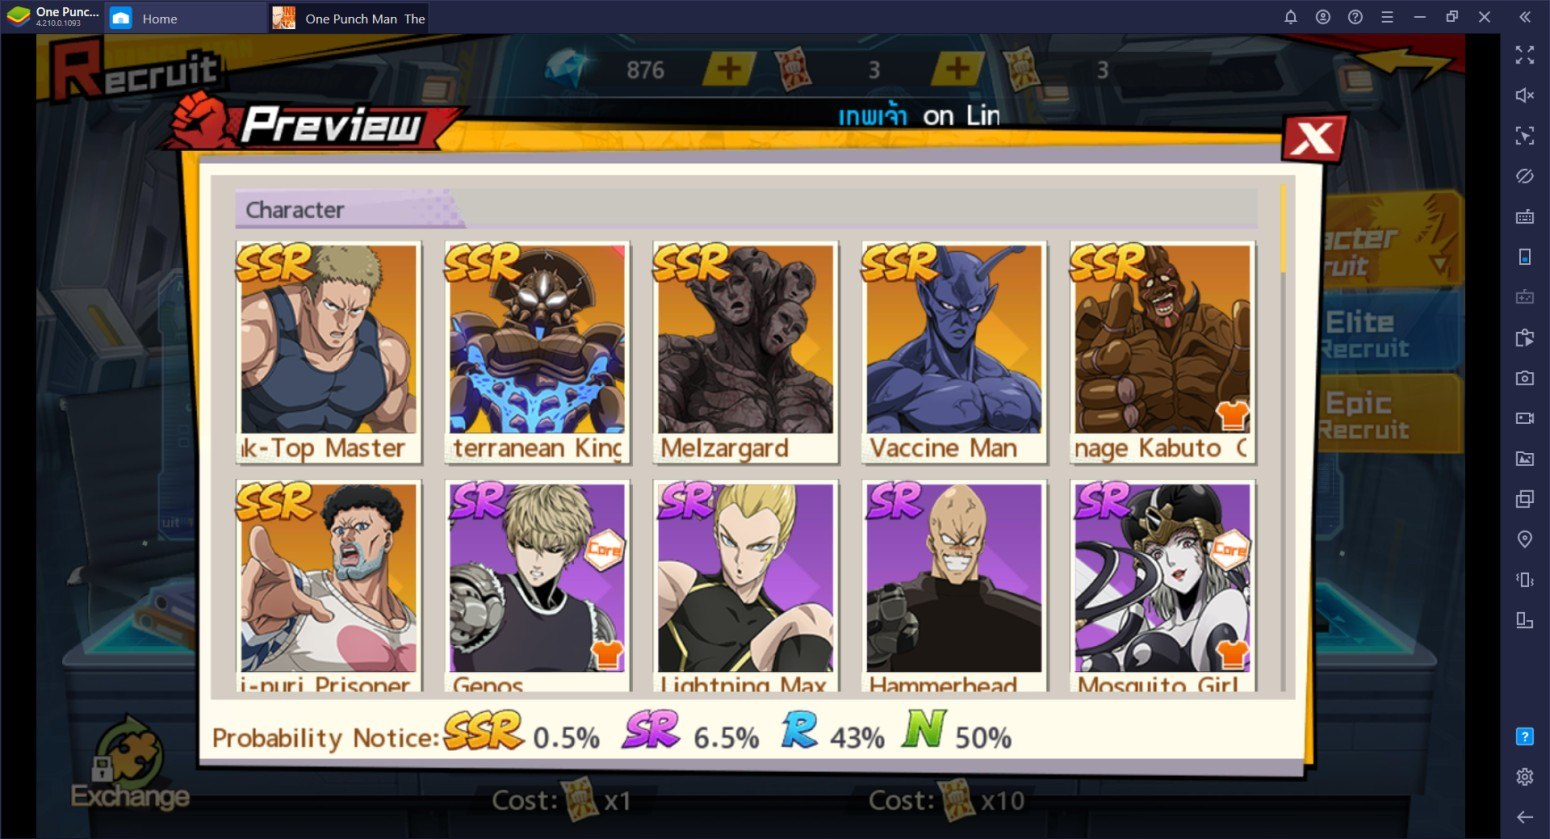 Tìm hiểu hệ thống siêu anh hùng trong One Punch Man: The Strongest